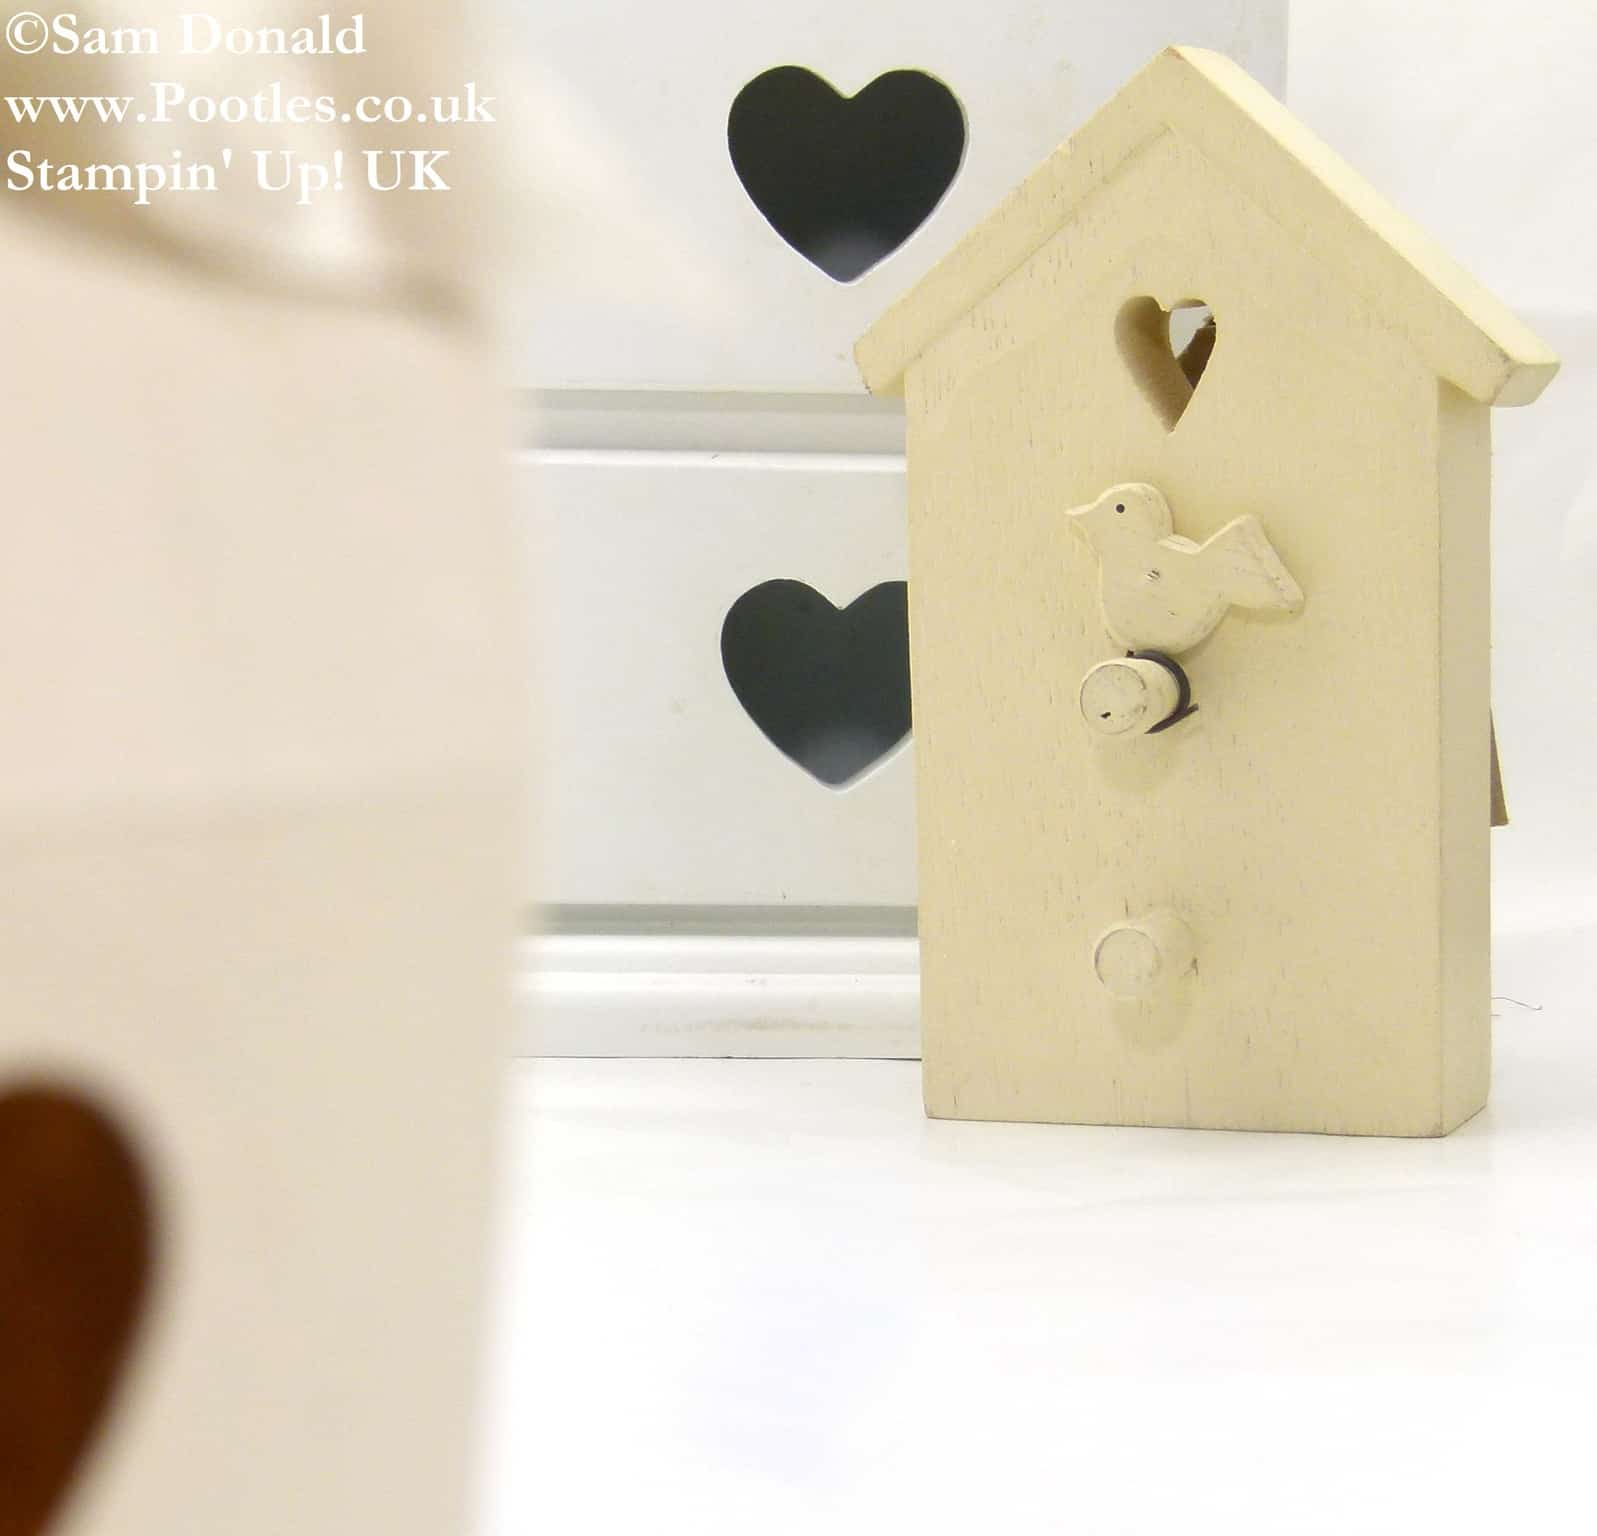 POOTLES Stampin Up UK Inspired Bird Gift Box Tutorial 3